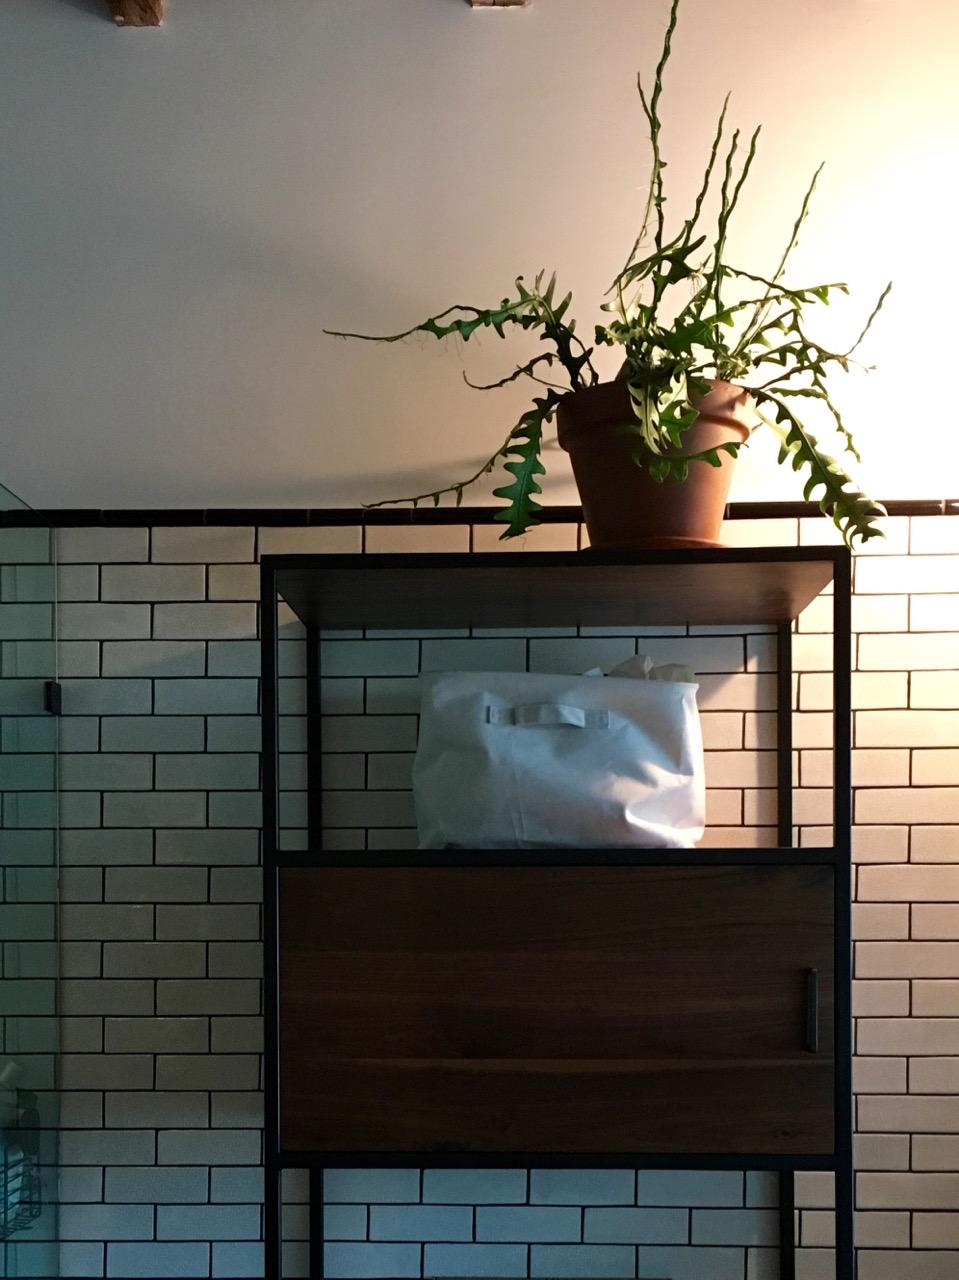 interior-plants-by-edible-petals-6.jpg